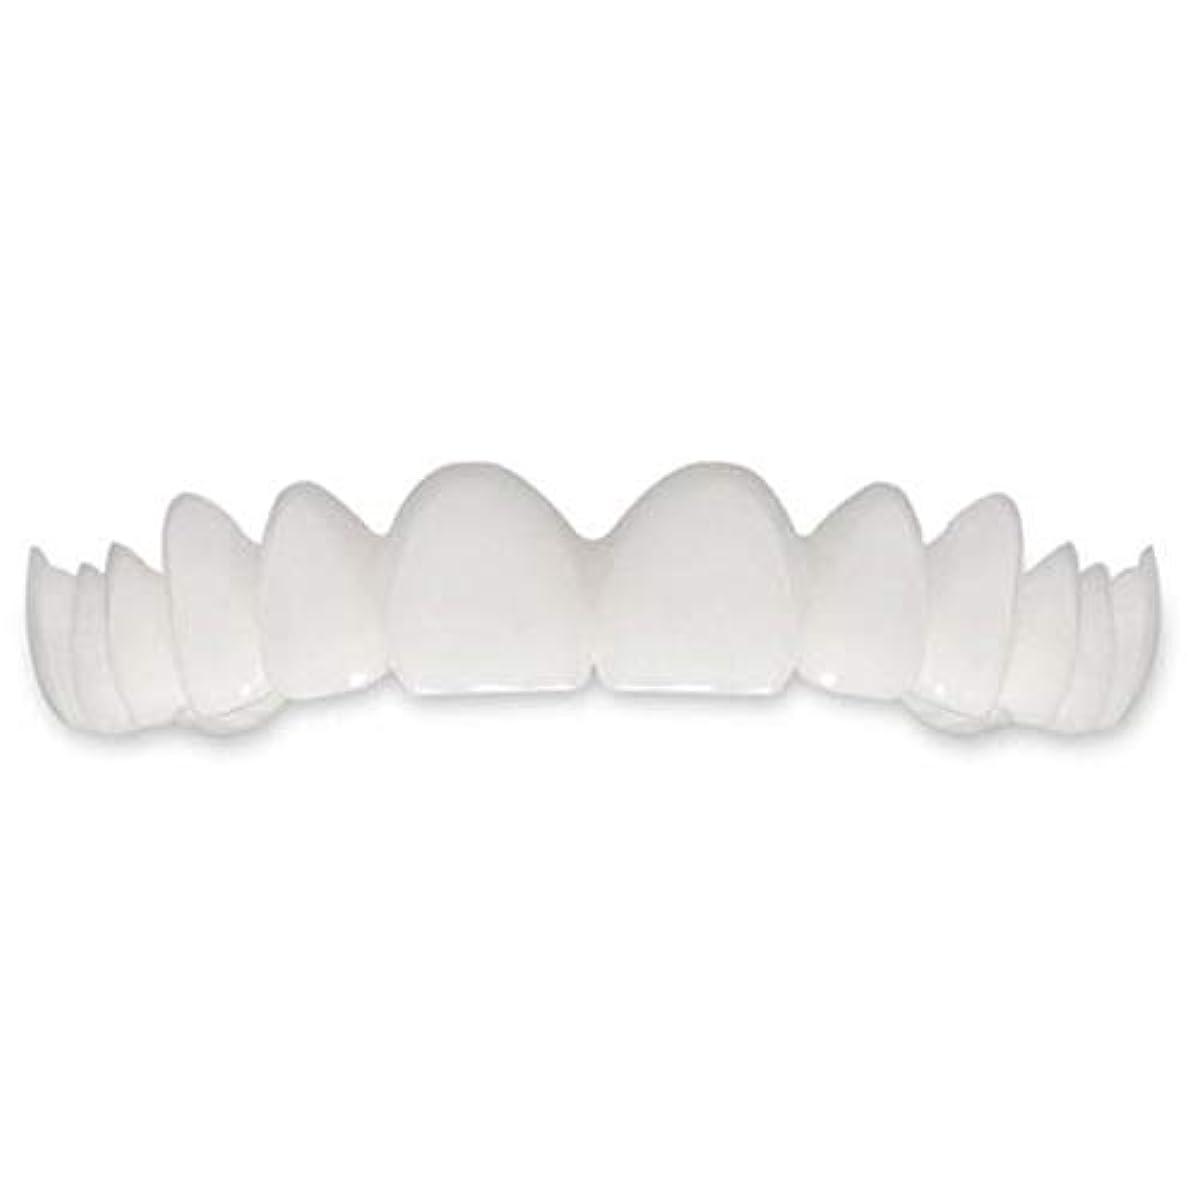 市の花クラフト貧しい笑顔の偽歯カバーを白くする歯の瞬間の完璧な笑顔フレックス歯 - ホワイト